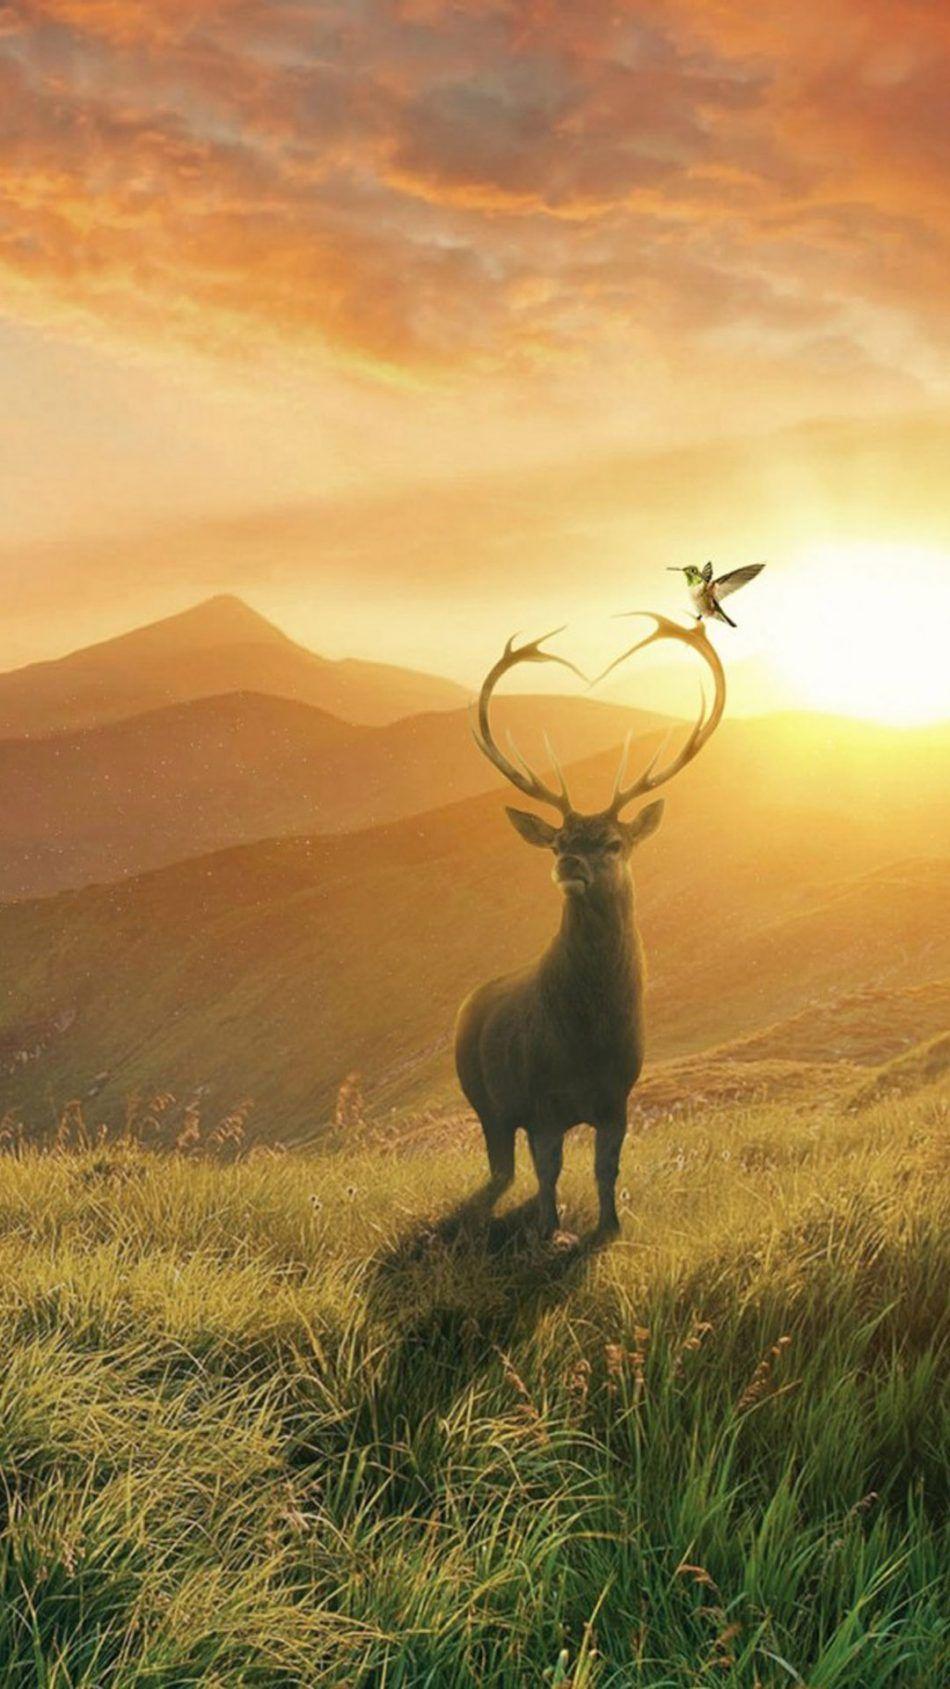 Deer Mountains Bird Landscape Sunset Deer wallpaper